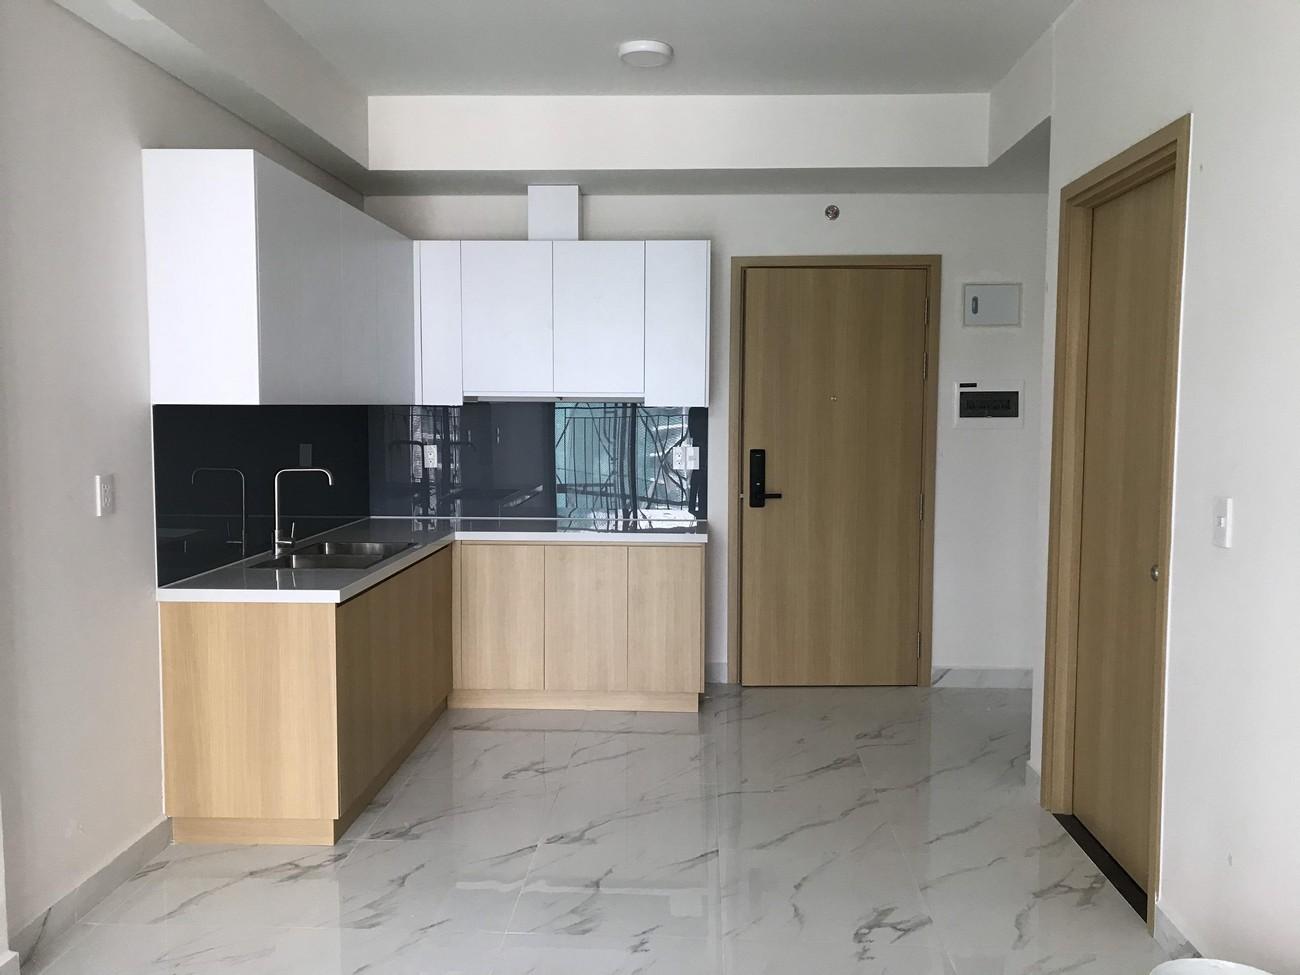 Tiến độ xây dựng căn hộ + Officetel dự án Asiana Capella 09/09/2020 – Nhận ký gửi mua bán + Cho thuê